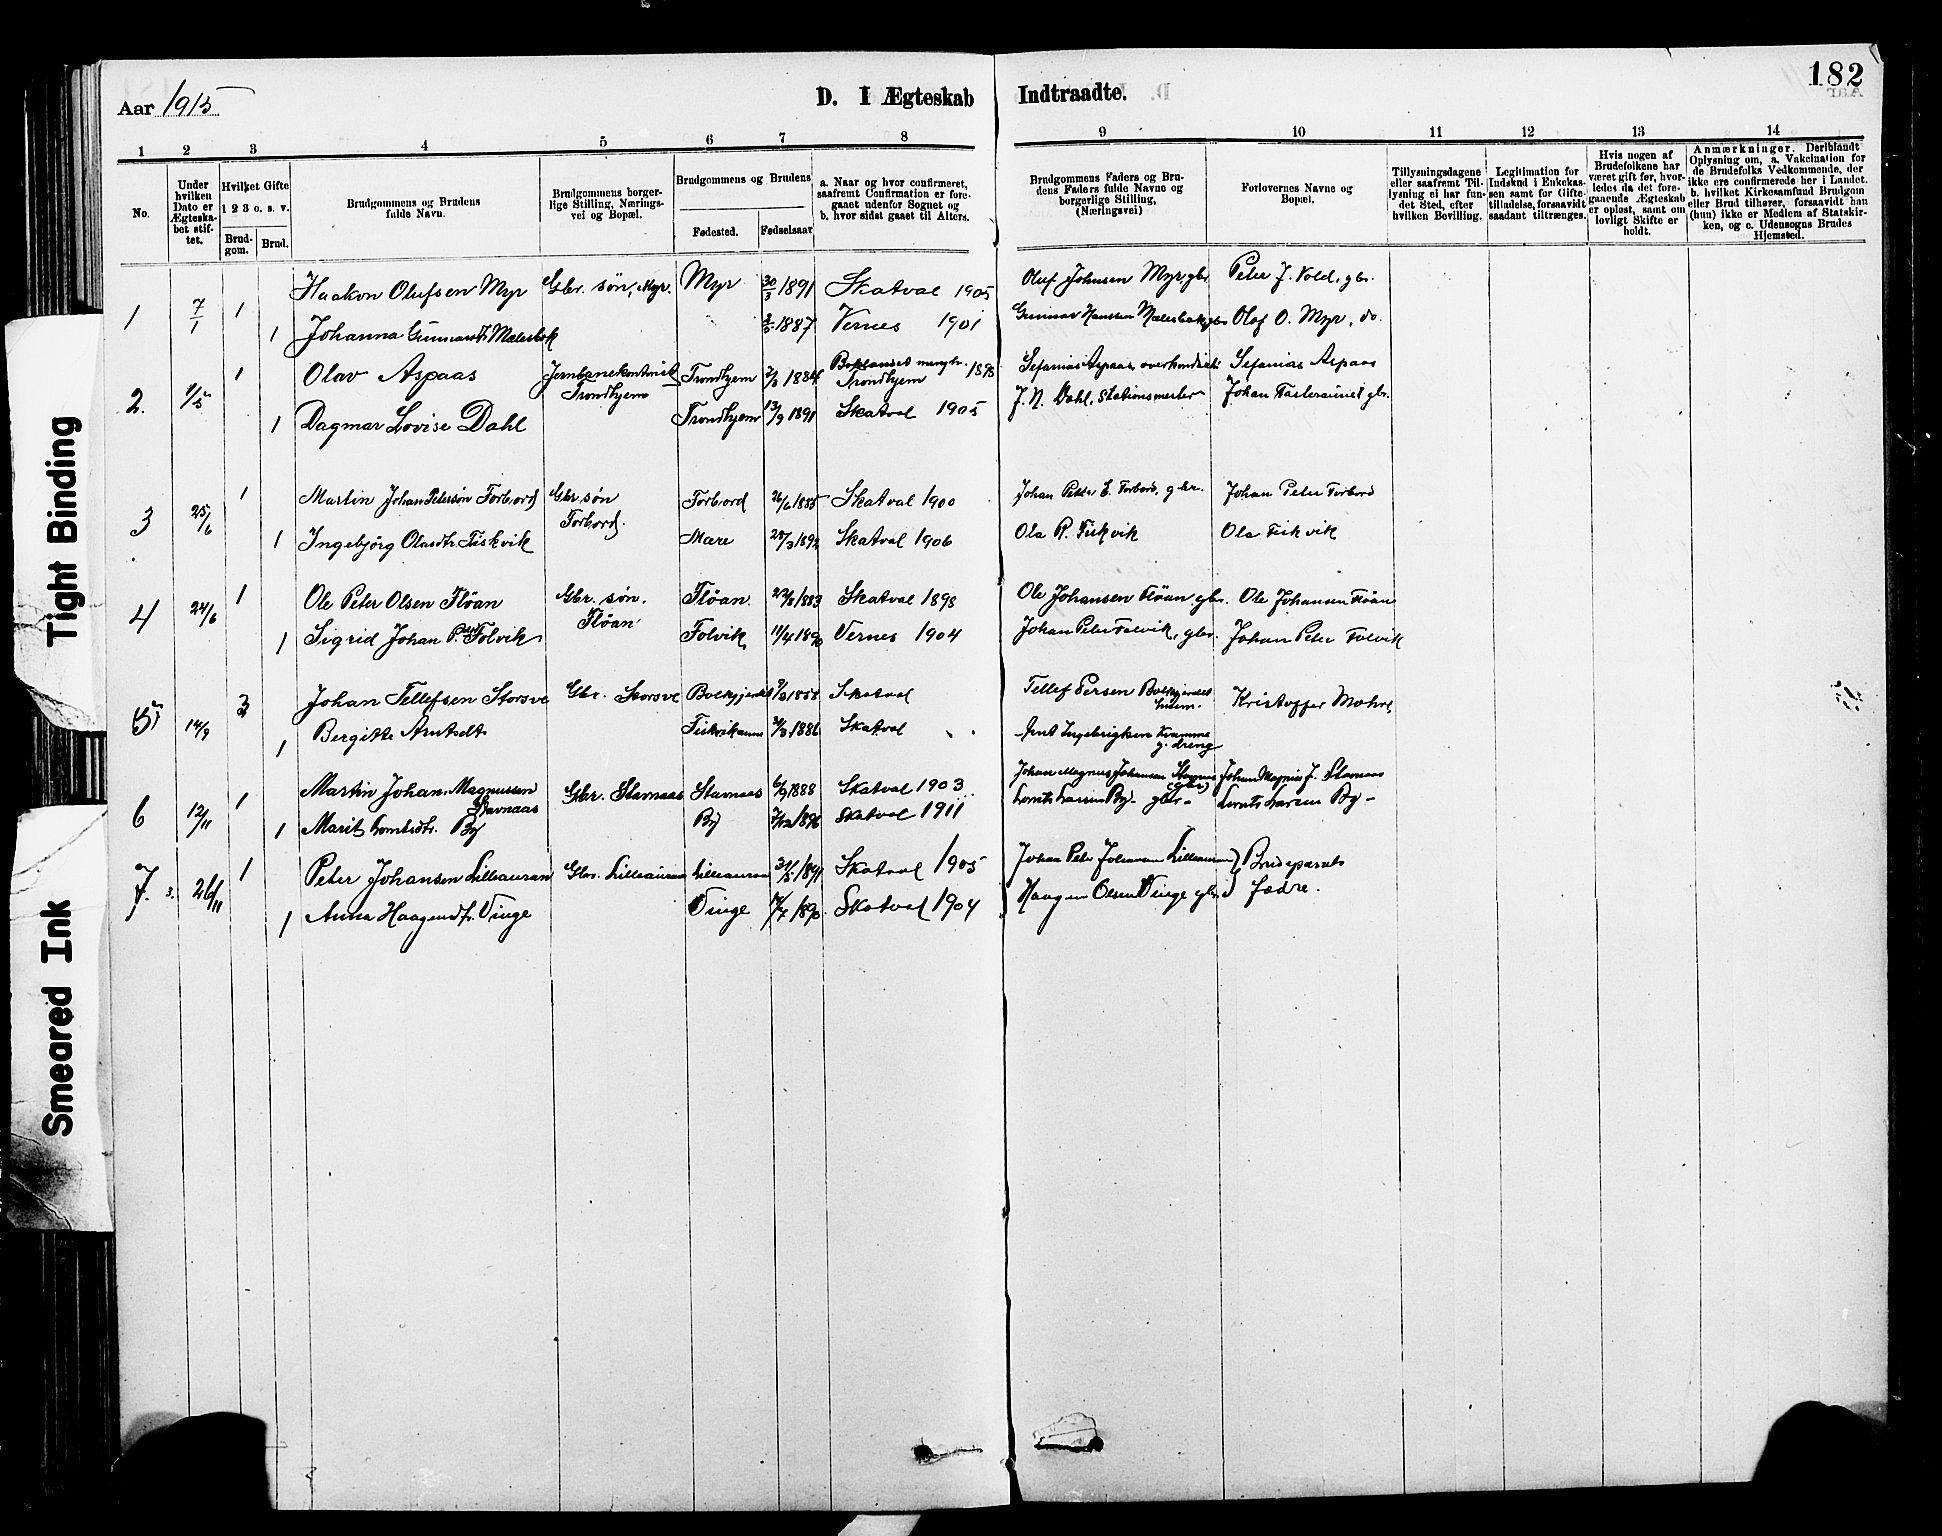 SAT, Ministerialprotokoller, klokkerbøker og fødselsregistre - Nord-Trøndelag, 712/L0103: Klokkerbok nr. 712C01, 1878-1917, s. 182